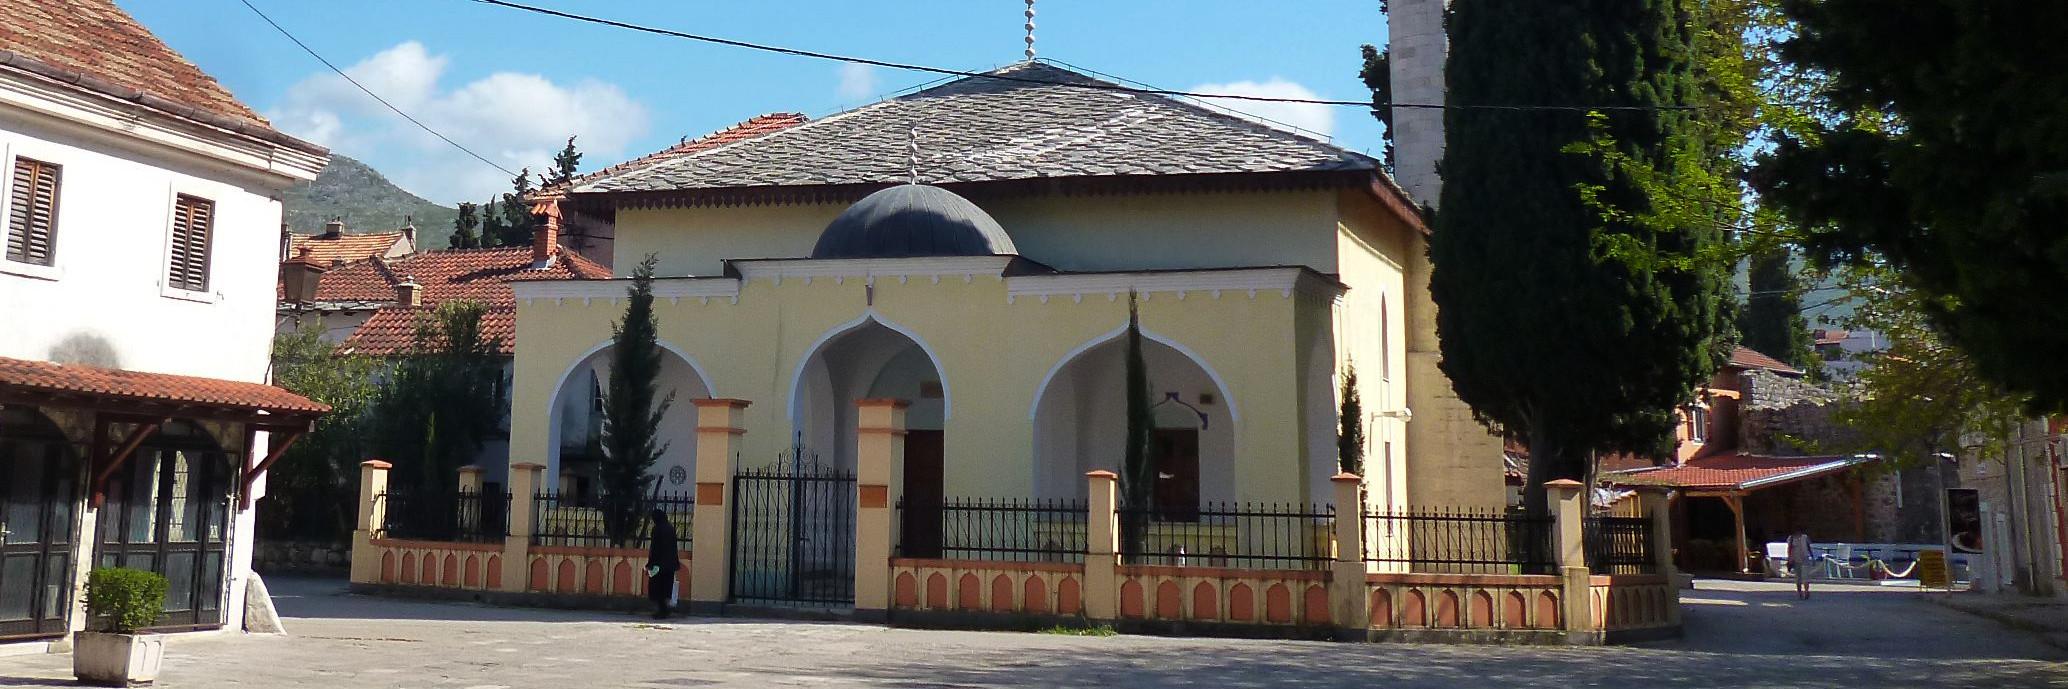 Мечеть Османа-паши